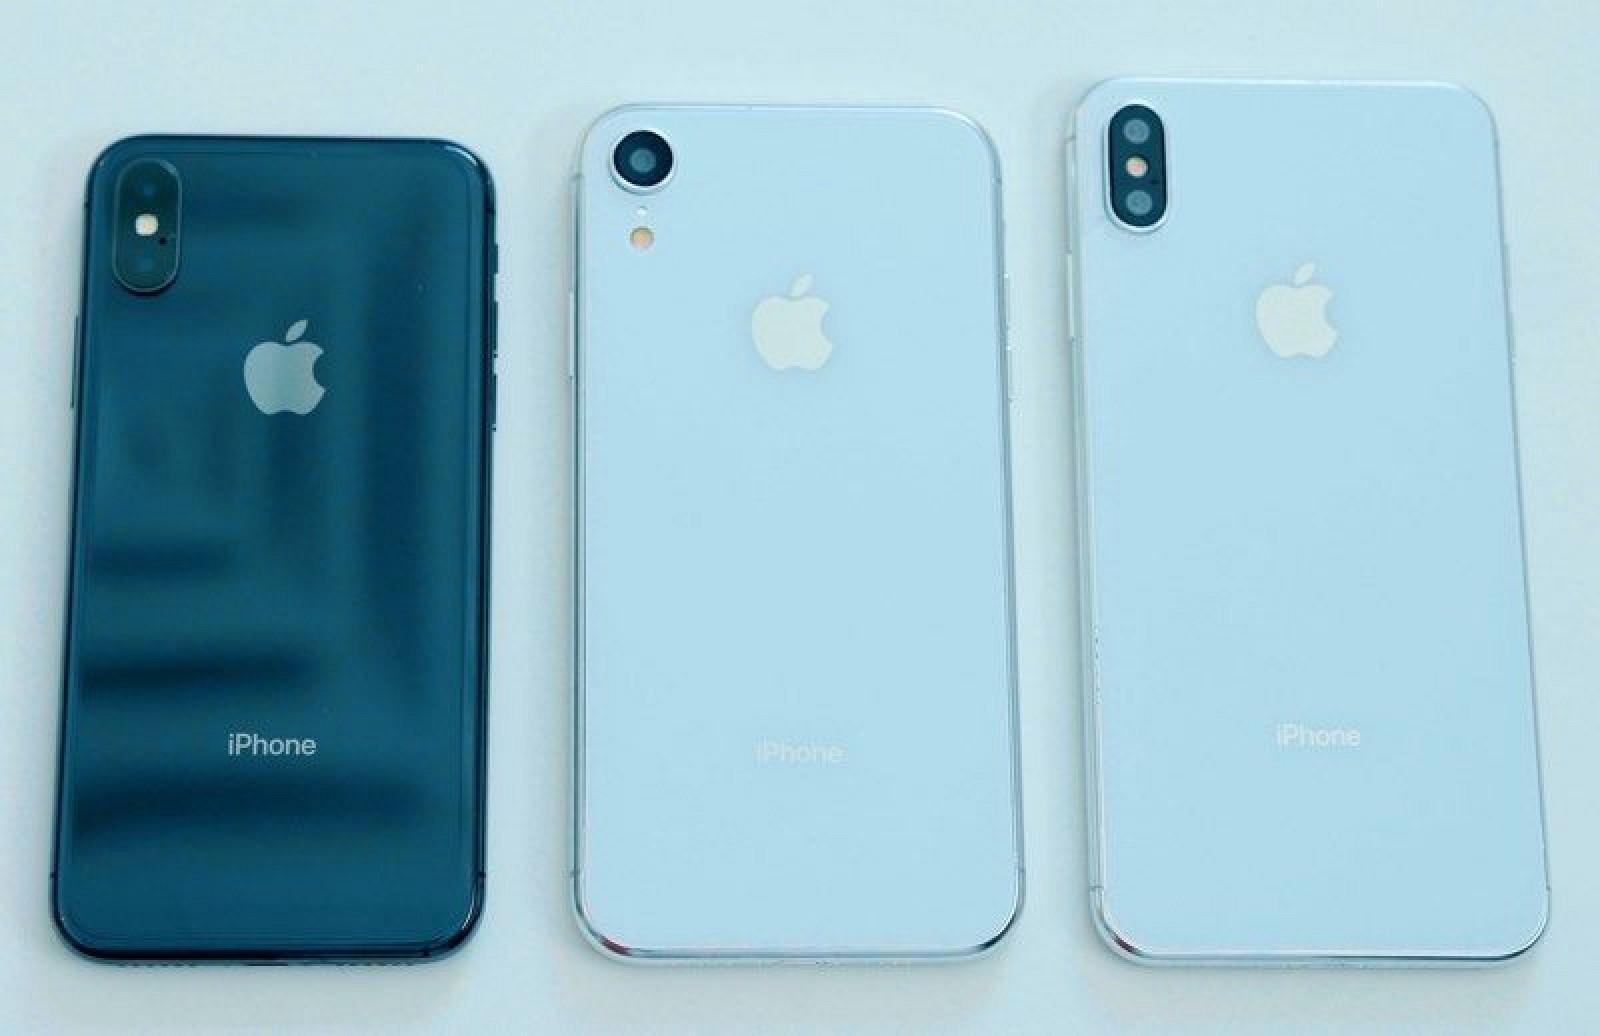 تسريبات تكشف عن سعة التخزين وألوان اجهزة الايفون XS و XS Max و XR